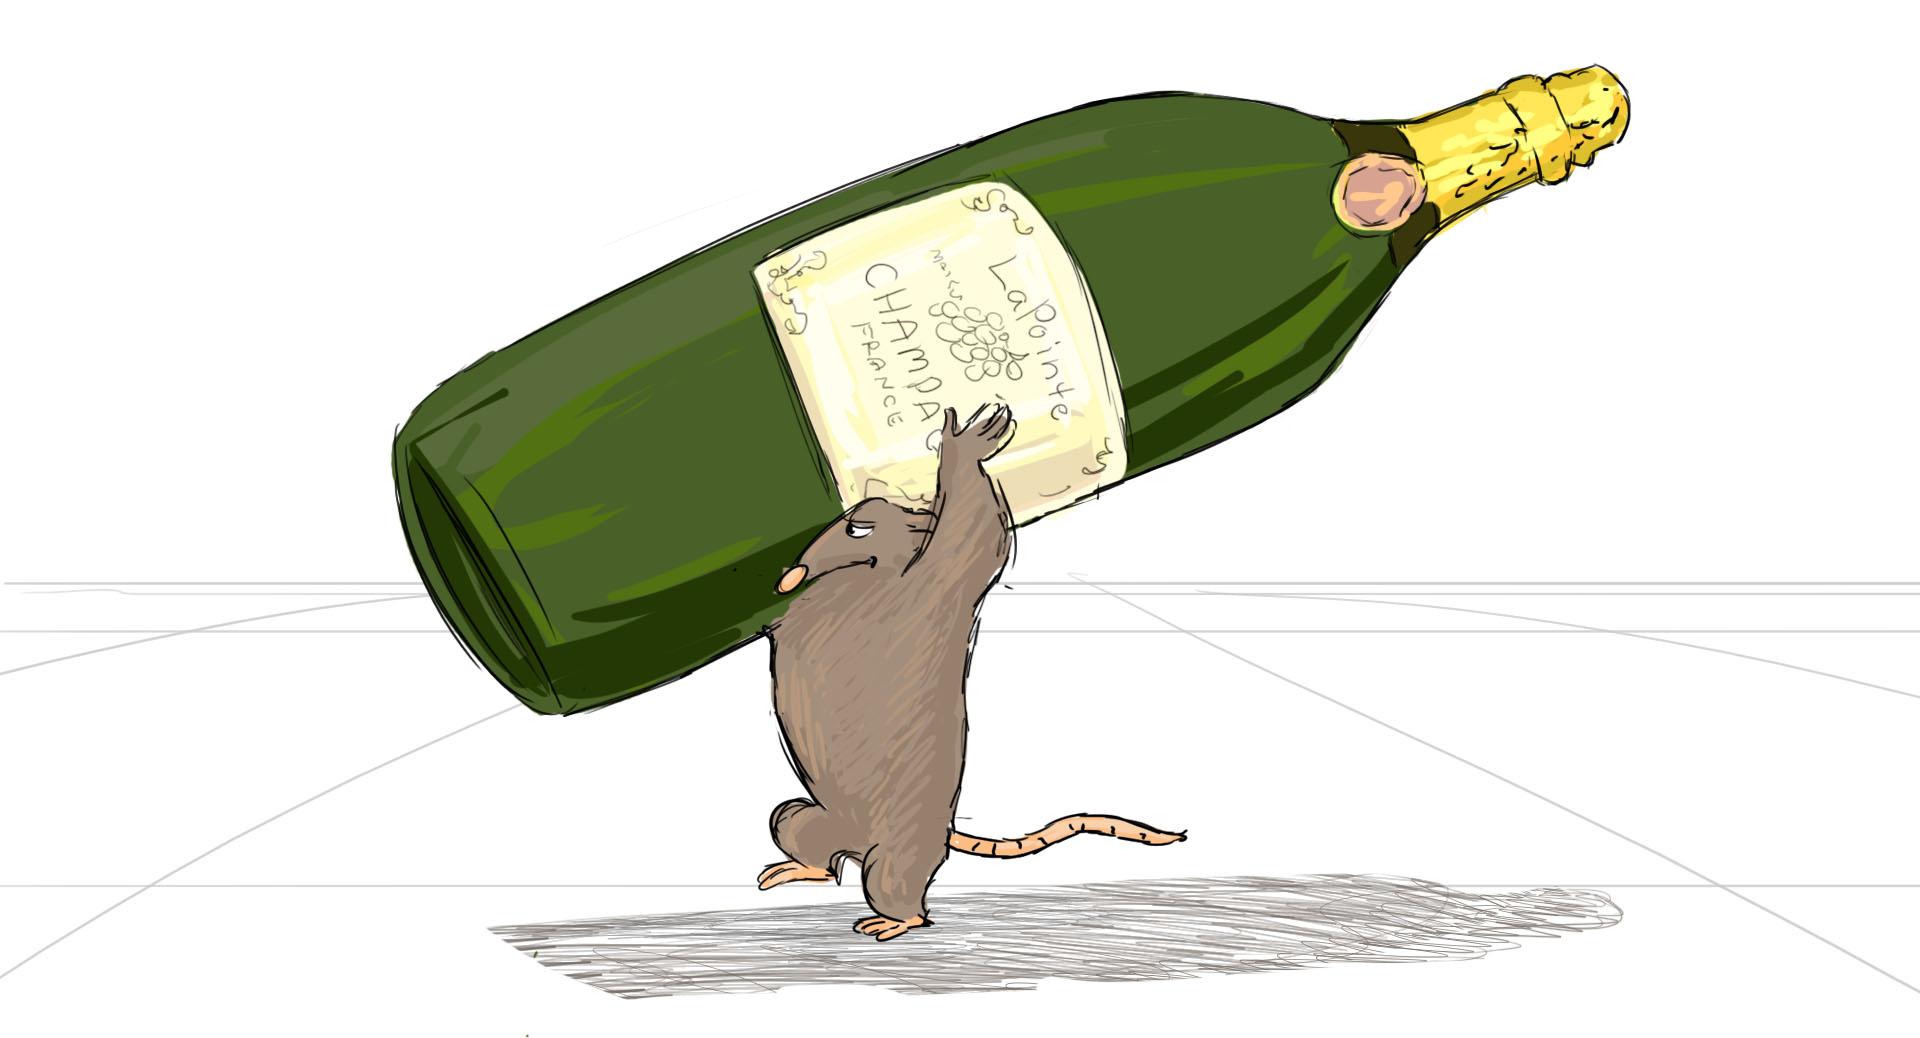 tprat_Heist Rats 3.jpg